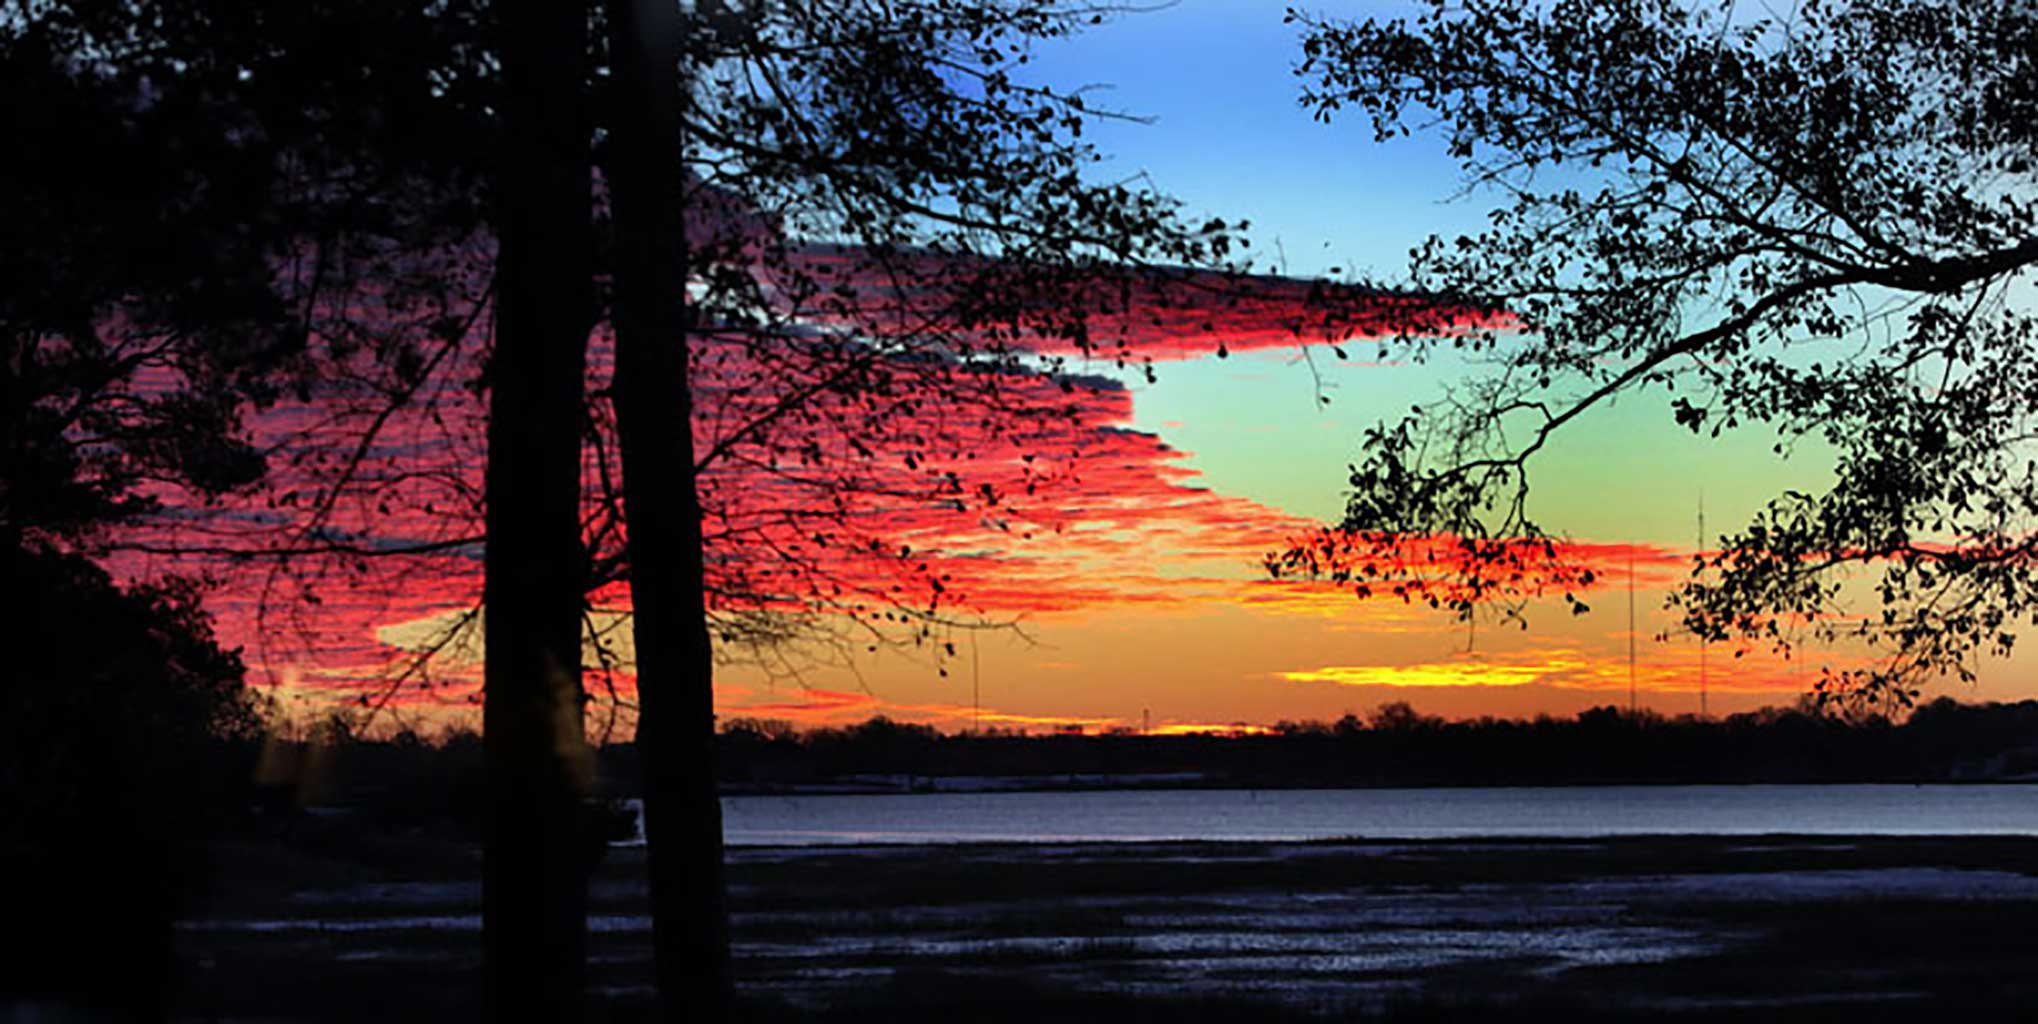 nansemond-river-chuckatuck-sunrise-jhsii